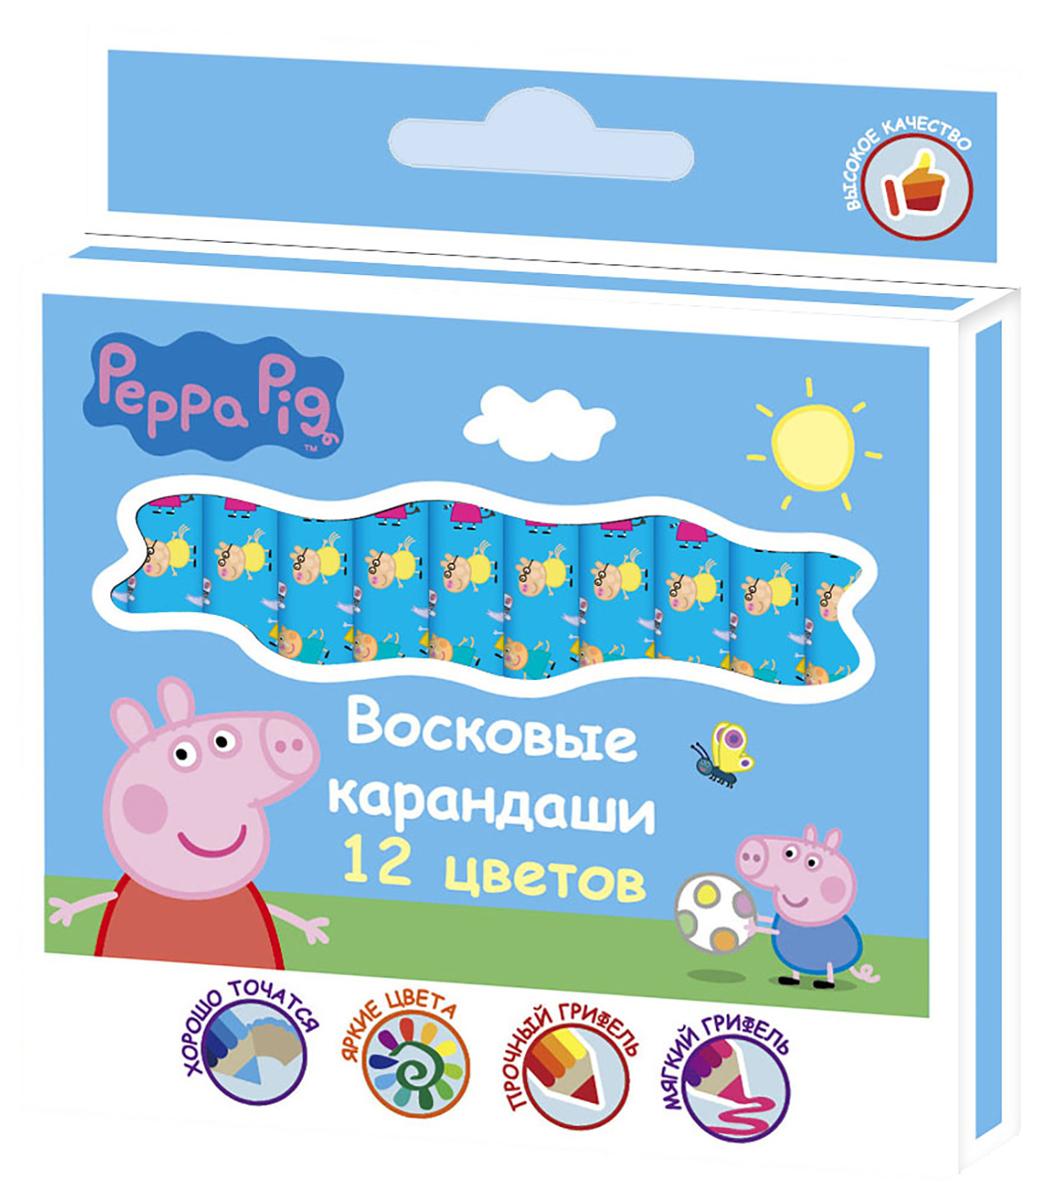 Peppa Pig Набор восковых карандашей Свинка Пеппа 12 цветов610842В набор ТМ Свинка Пеппа входит 12 восковых карандашей, которые благодаря своим ярким, насыщенным цветам идеально подходят длярисования, письма и раскрашивания. Индивидуальные бумажные упаковки с ярким принтом на каждом карандаше помогают им невыскальзывать из ладошки малыша, оставляя пальчики всегда чистыми. Карандаши мягкие и одновременно прочные, что обеспечивает яркостьлиний без сильного нажима и легкое затачивание.Диаметр карандаша: 0,8 см; длина: 9 см. Состав: воск, бумага.